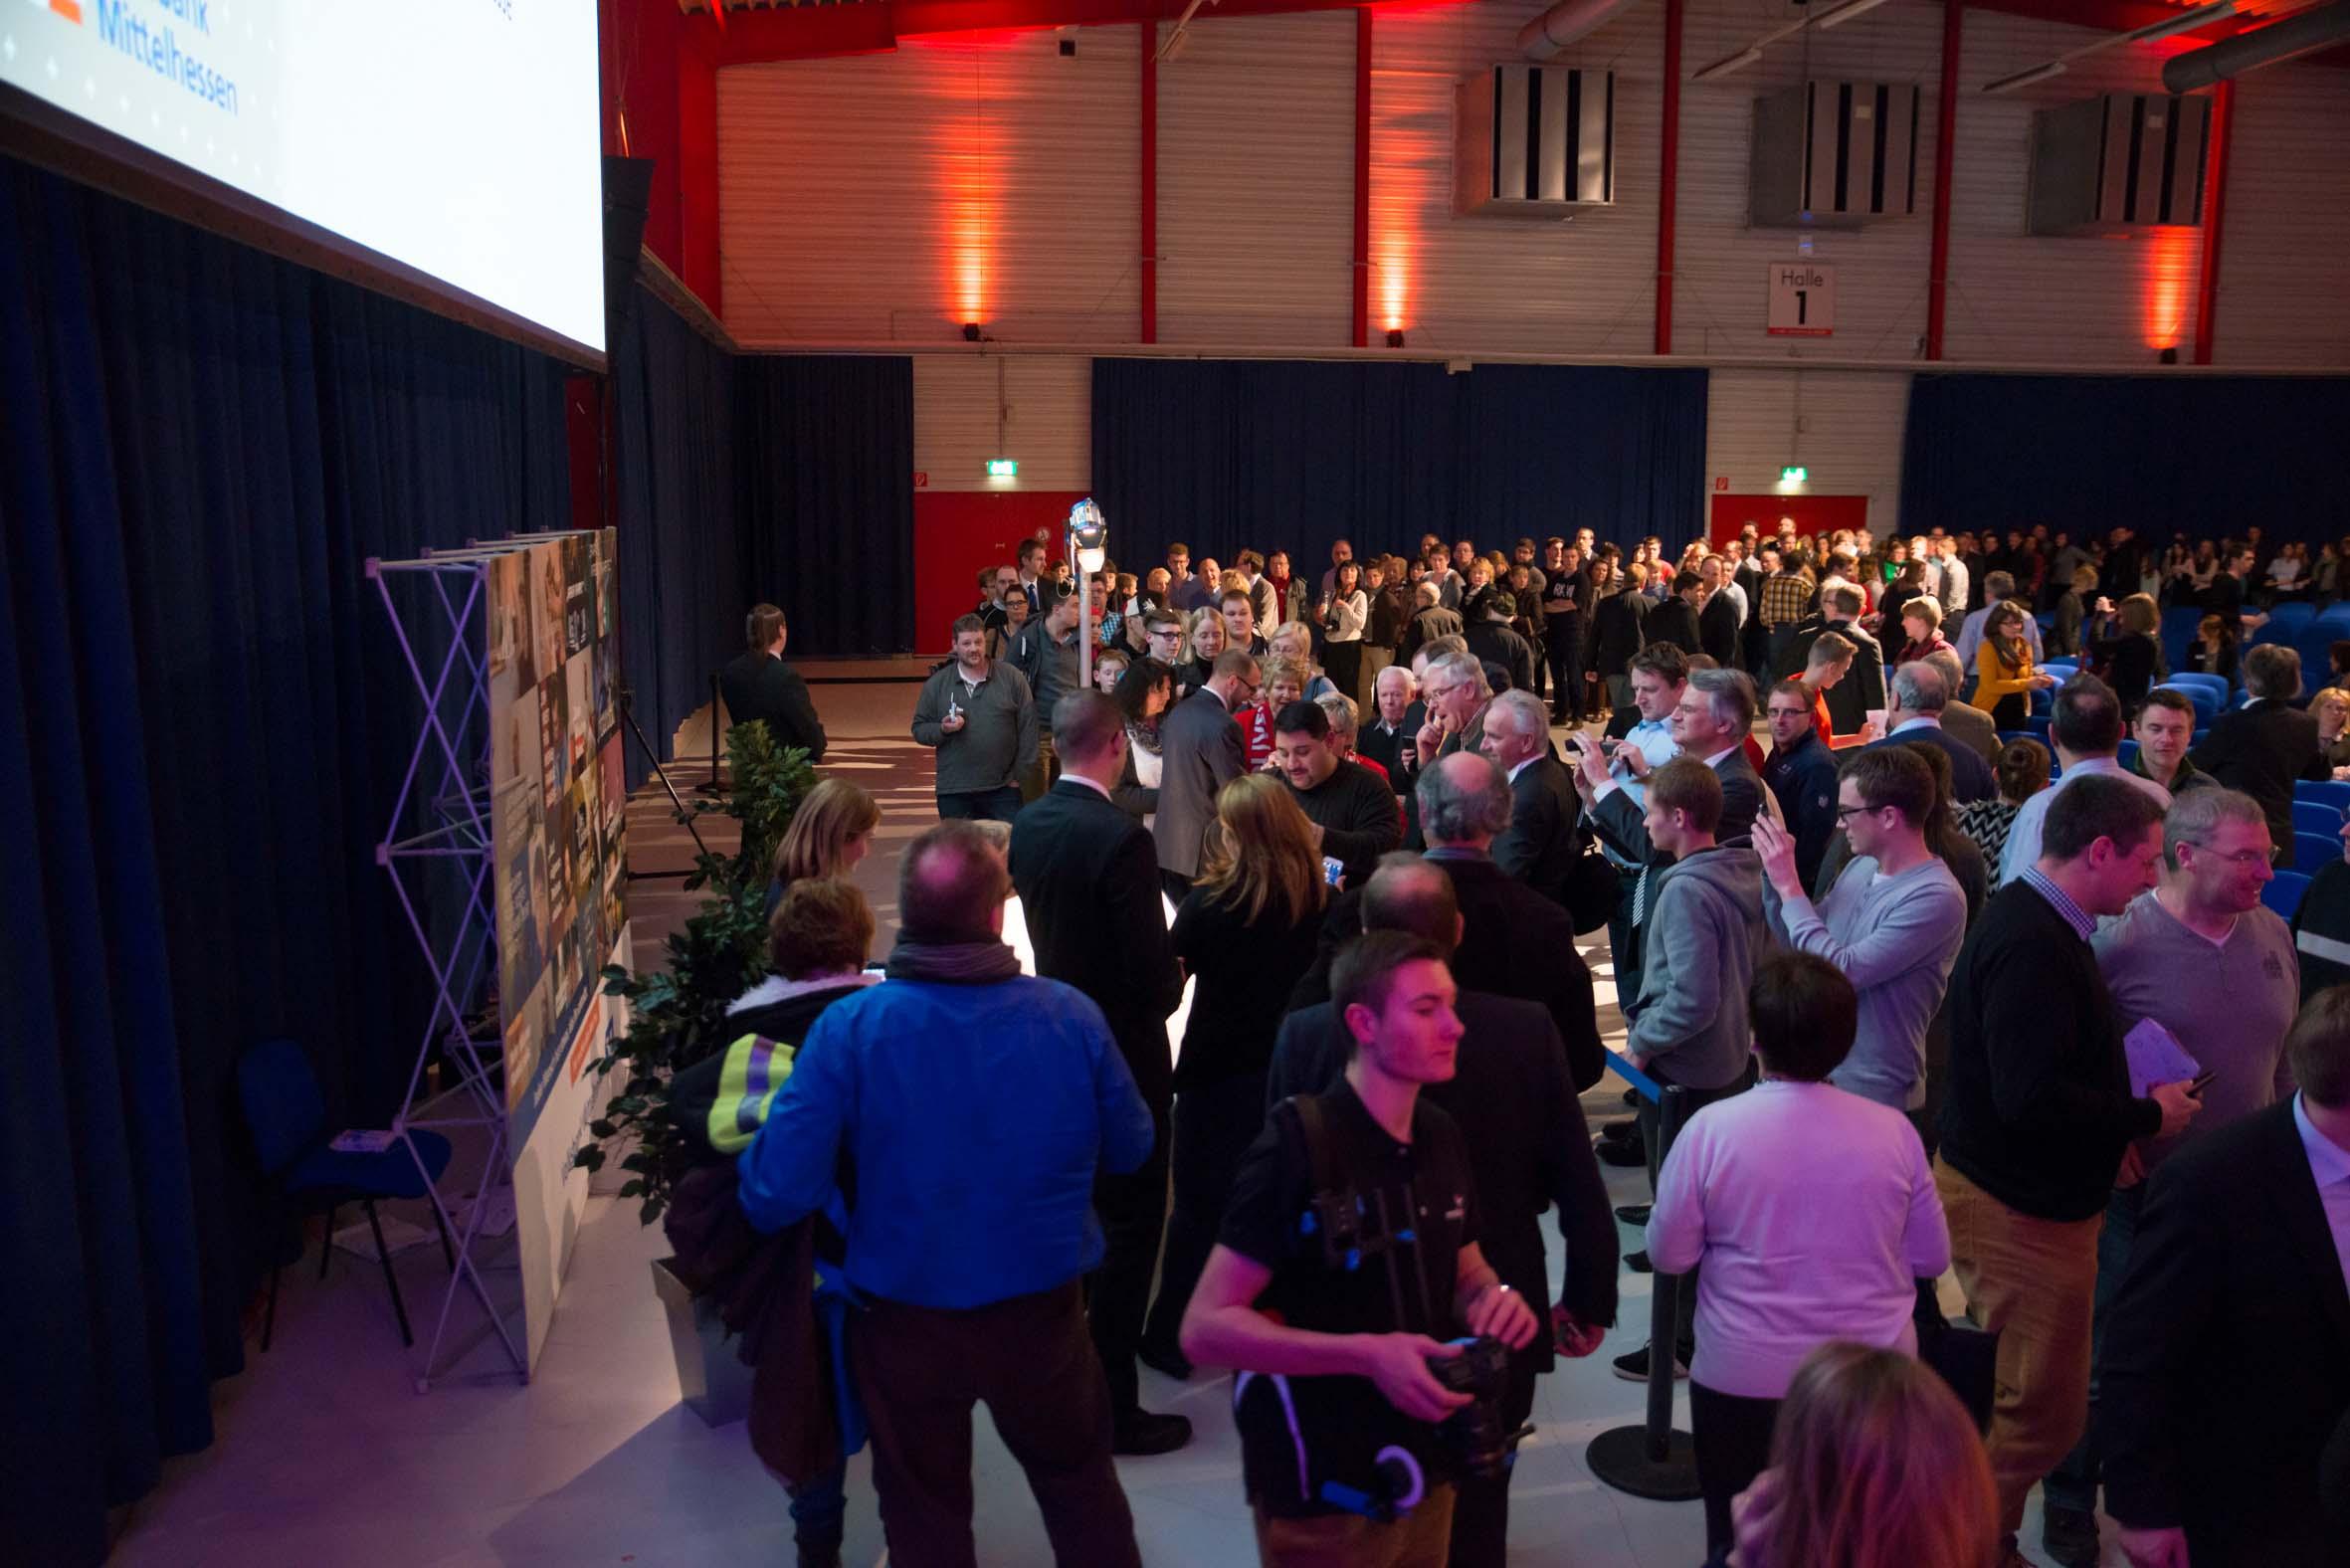 Bildergalerie Mitgliederversammlung 2015 in Gießen, Bild 66